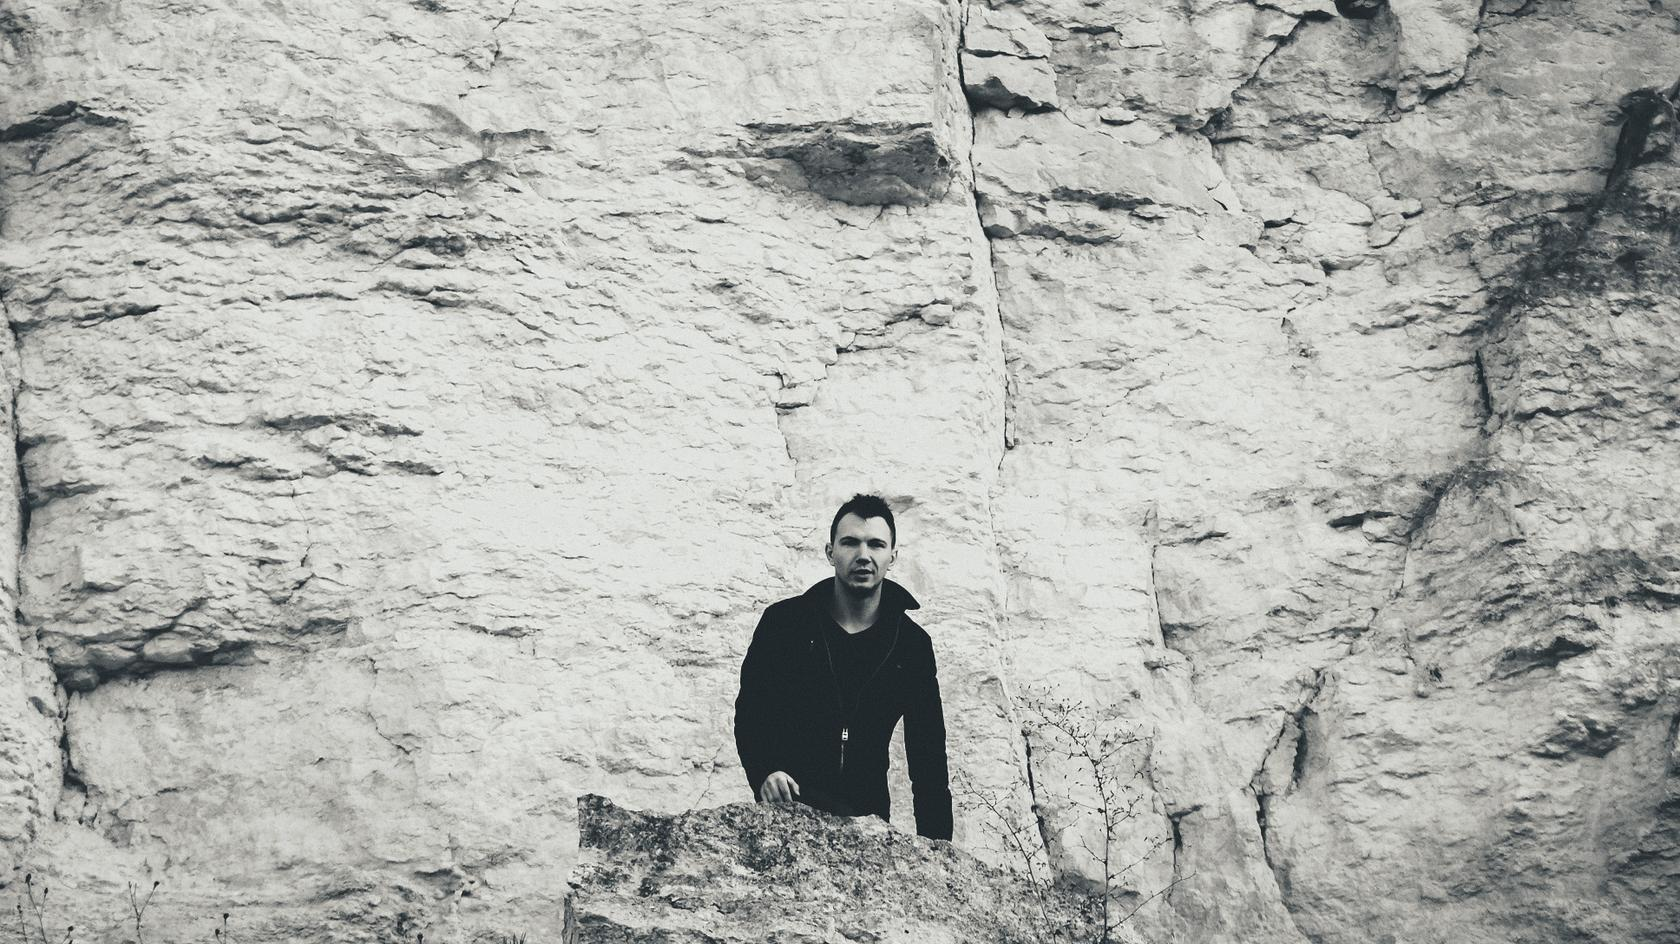 Valdemaras Dzengo